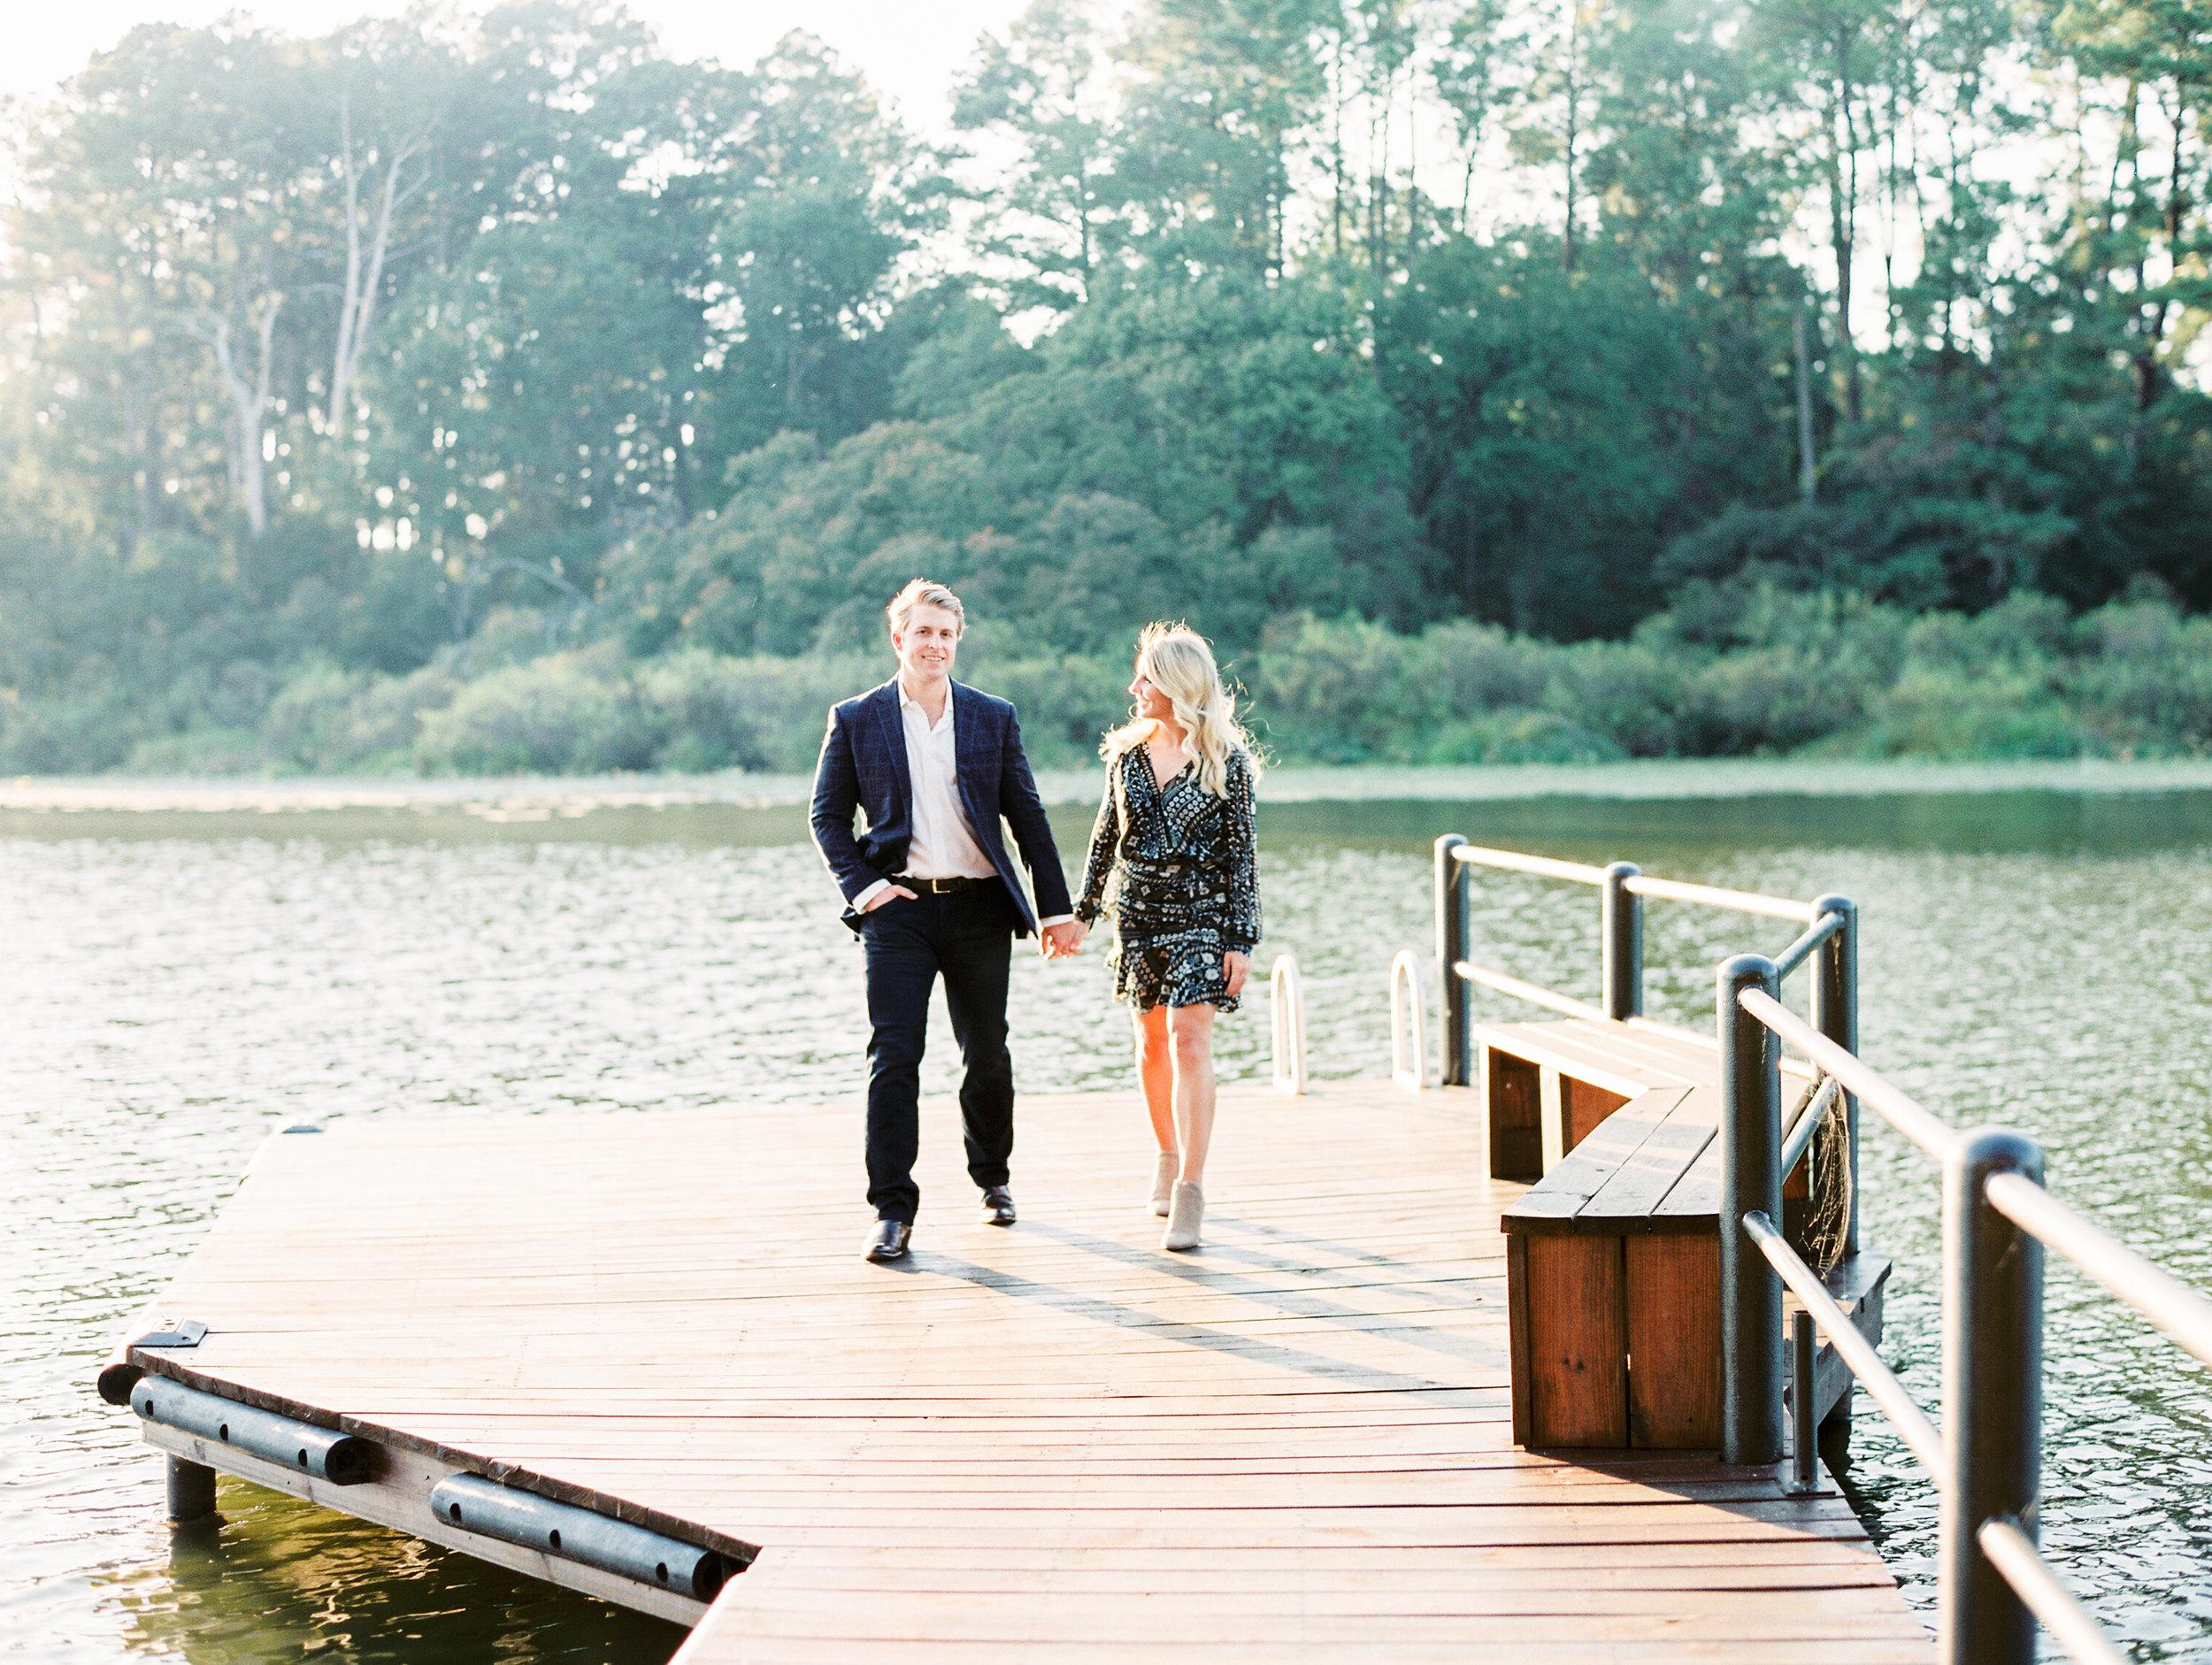 Lauren+John+Engaged+TX-124.jpg